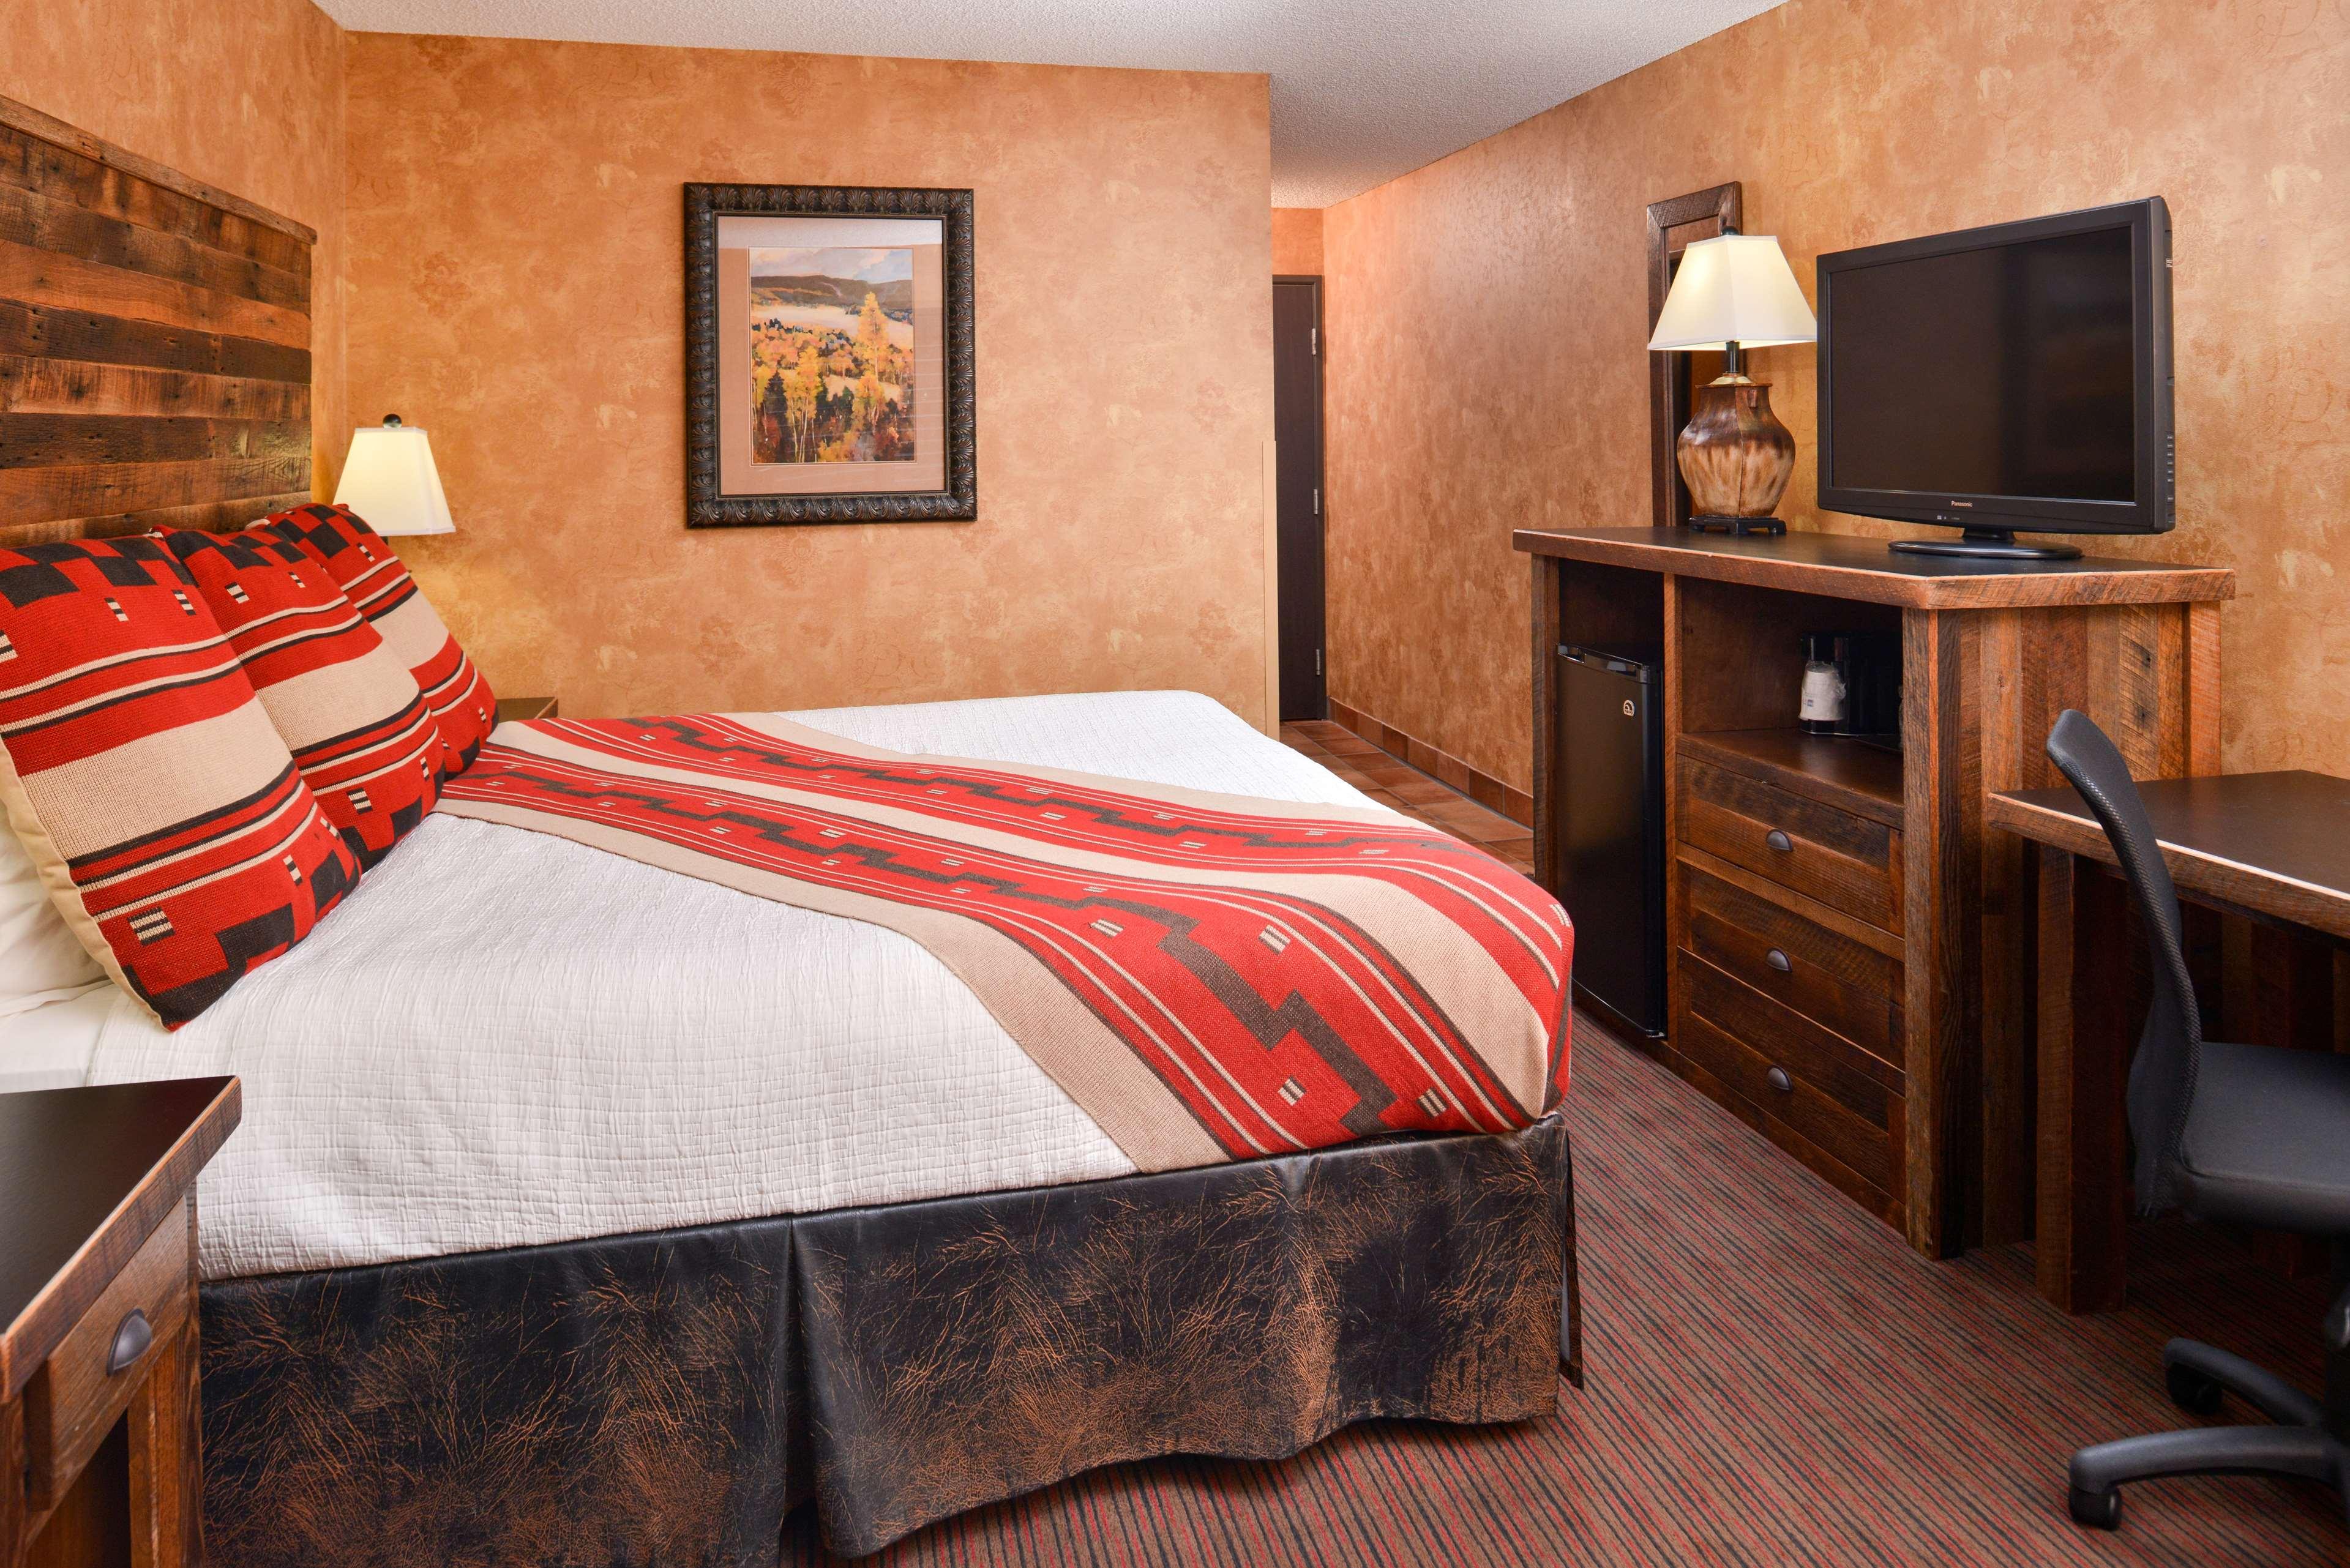 Best Western Plus Inn of Santa Fe image 6